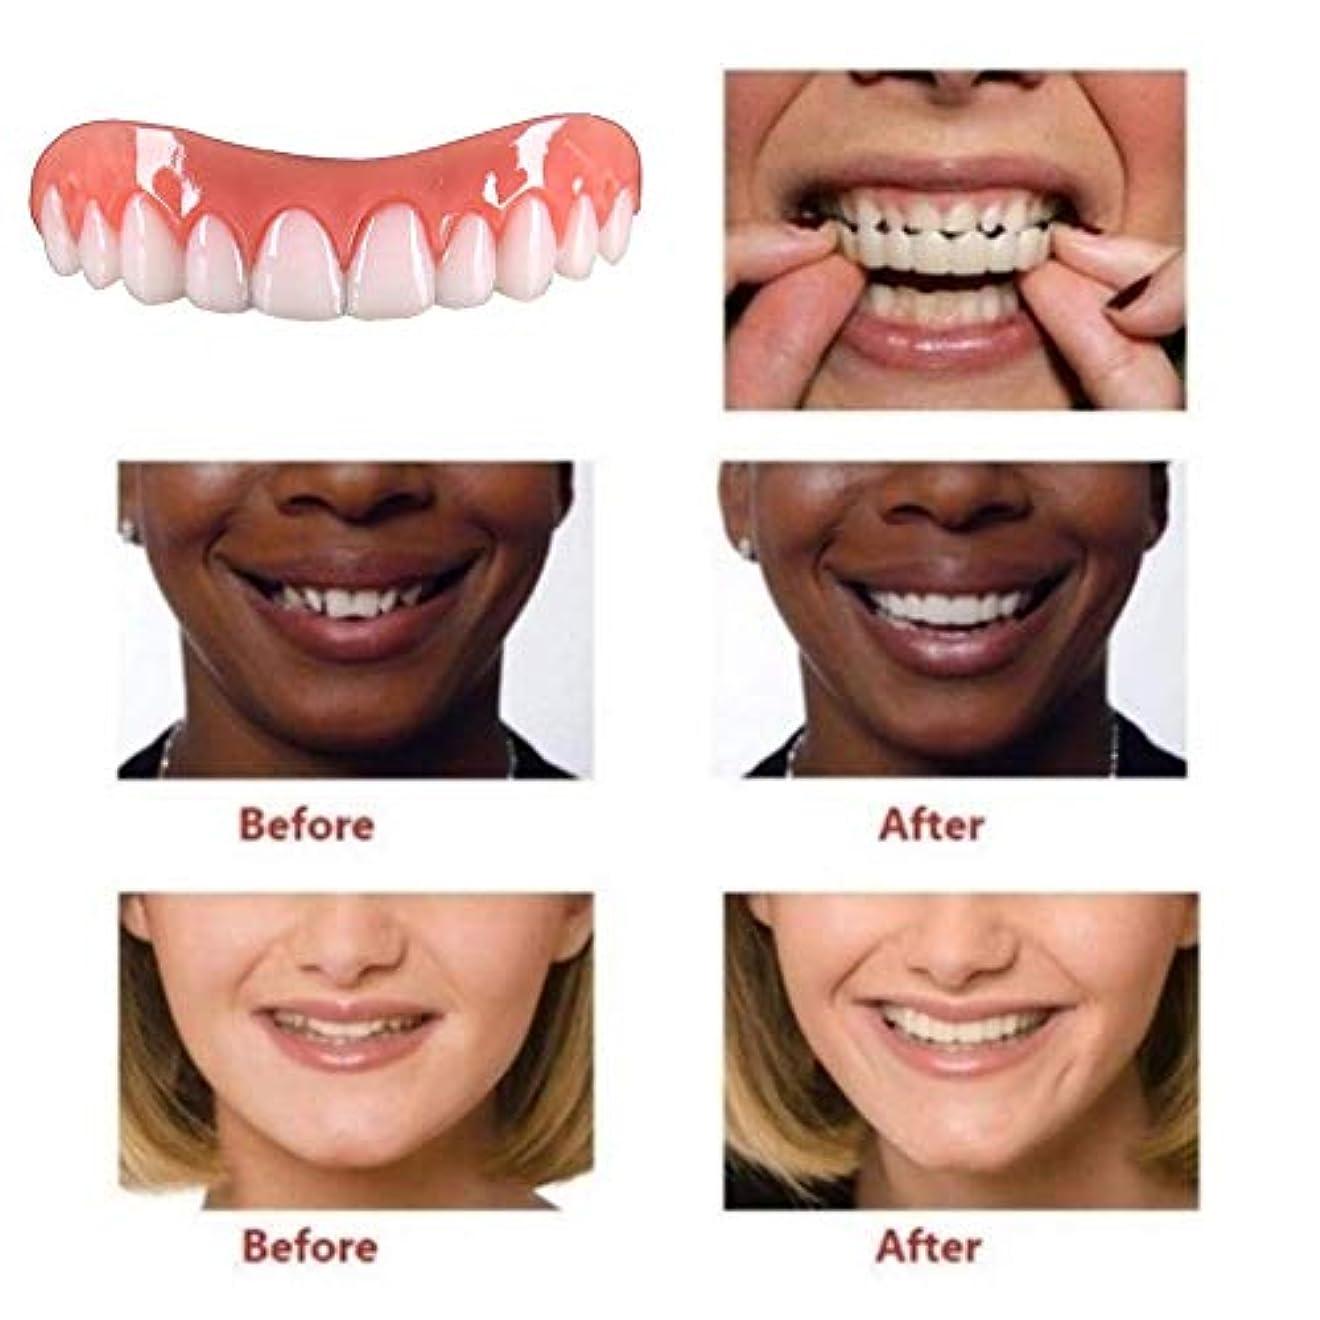 焦がす専門化するメトリック3個のアッパーシリカゲルフェイク歯パーフェクトスマイルフィットスナップインホワイトニングコンフォートスマイルコスメティックデンタル